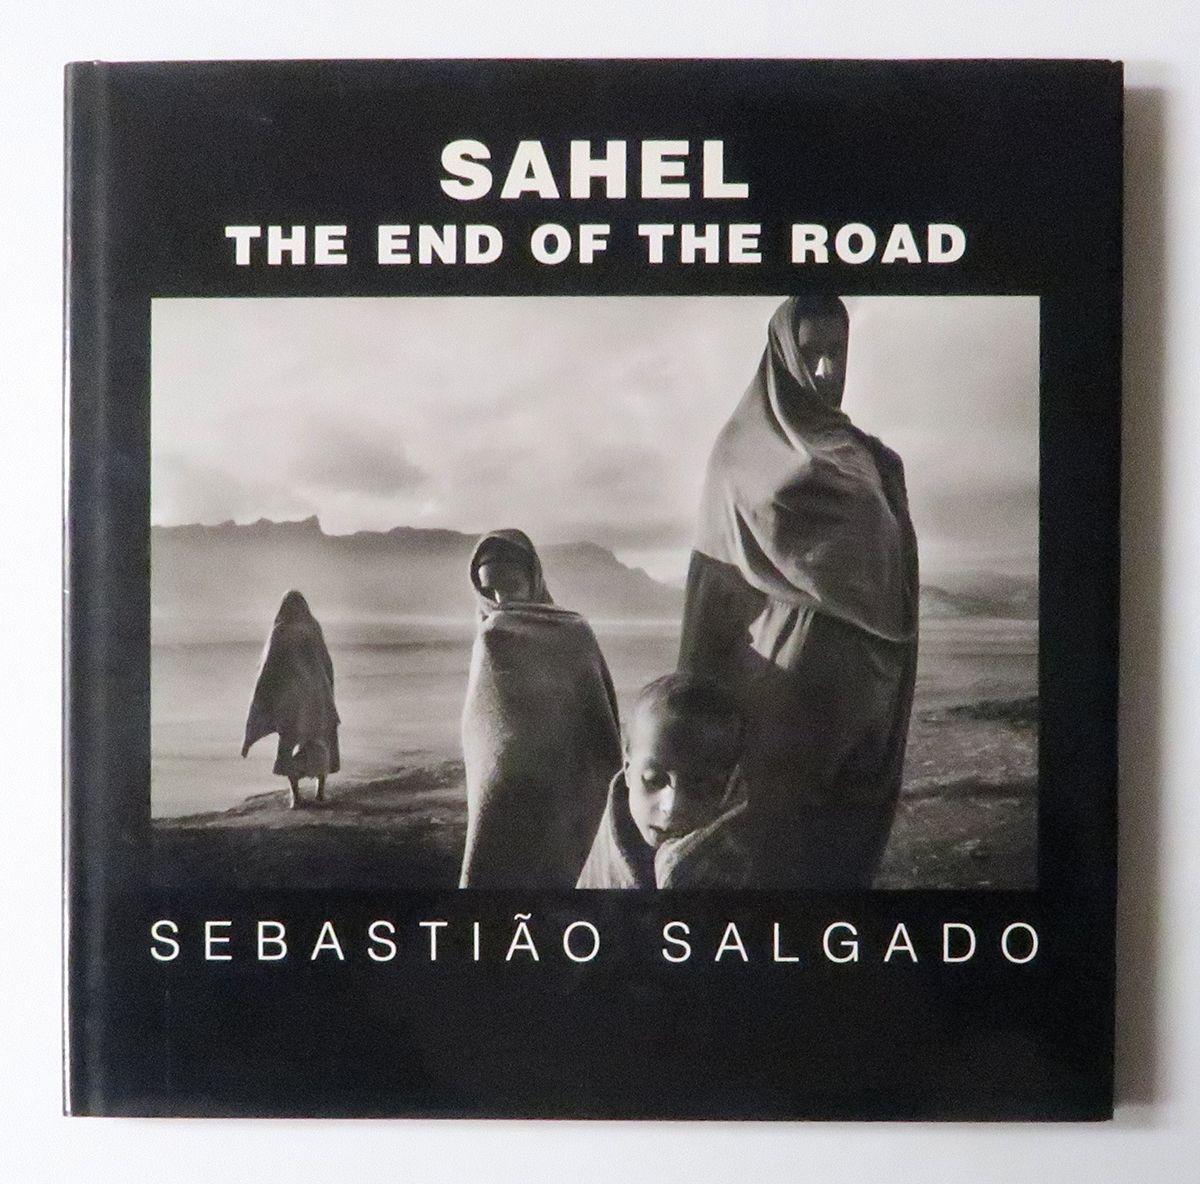 SAHEL: The End of the Road | 写真、古書、写真集